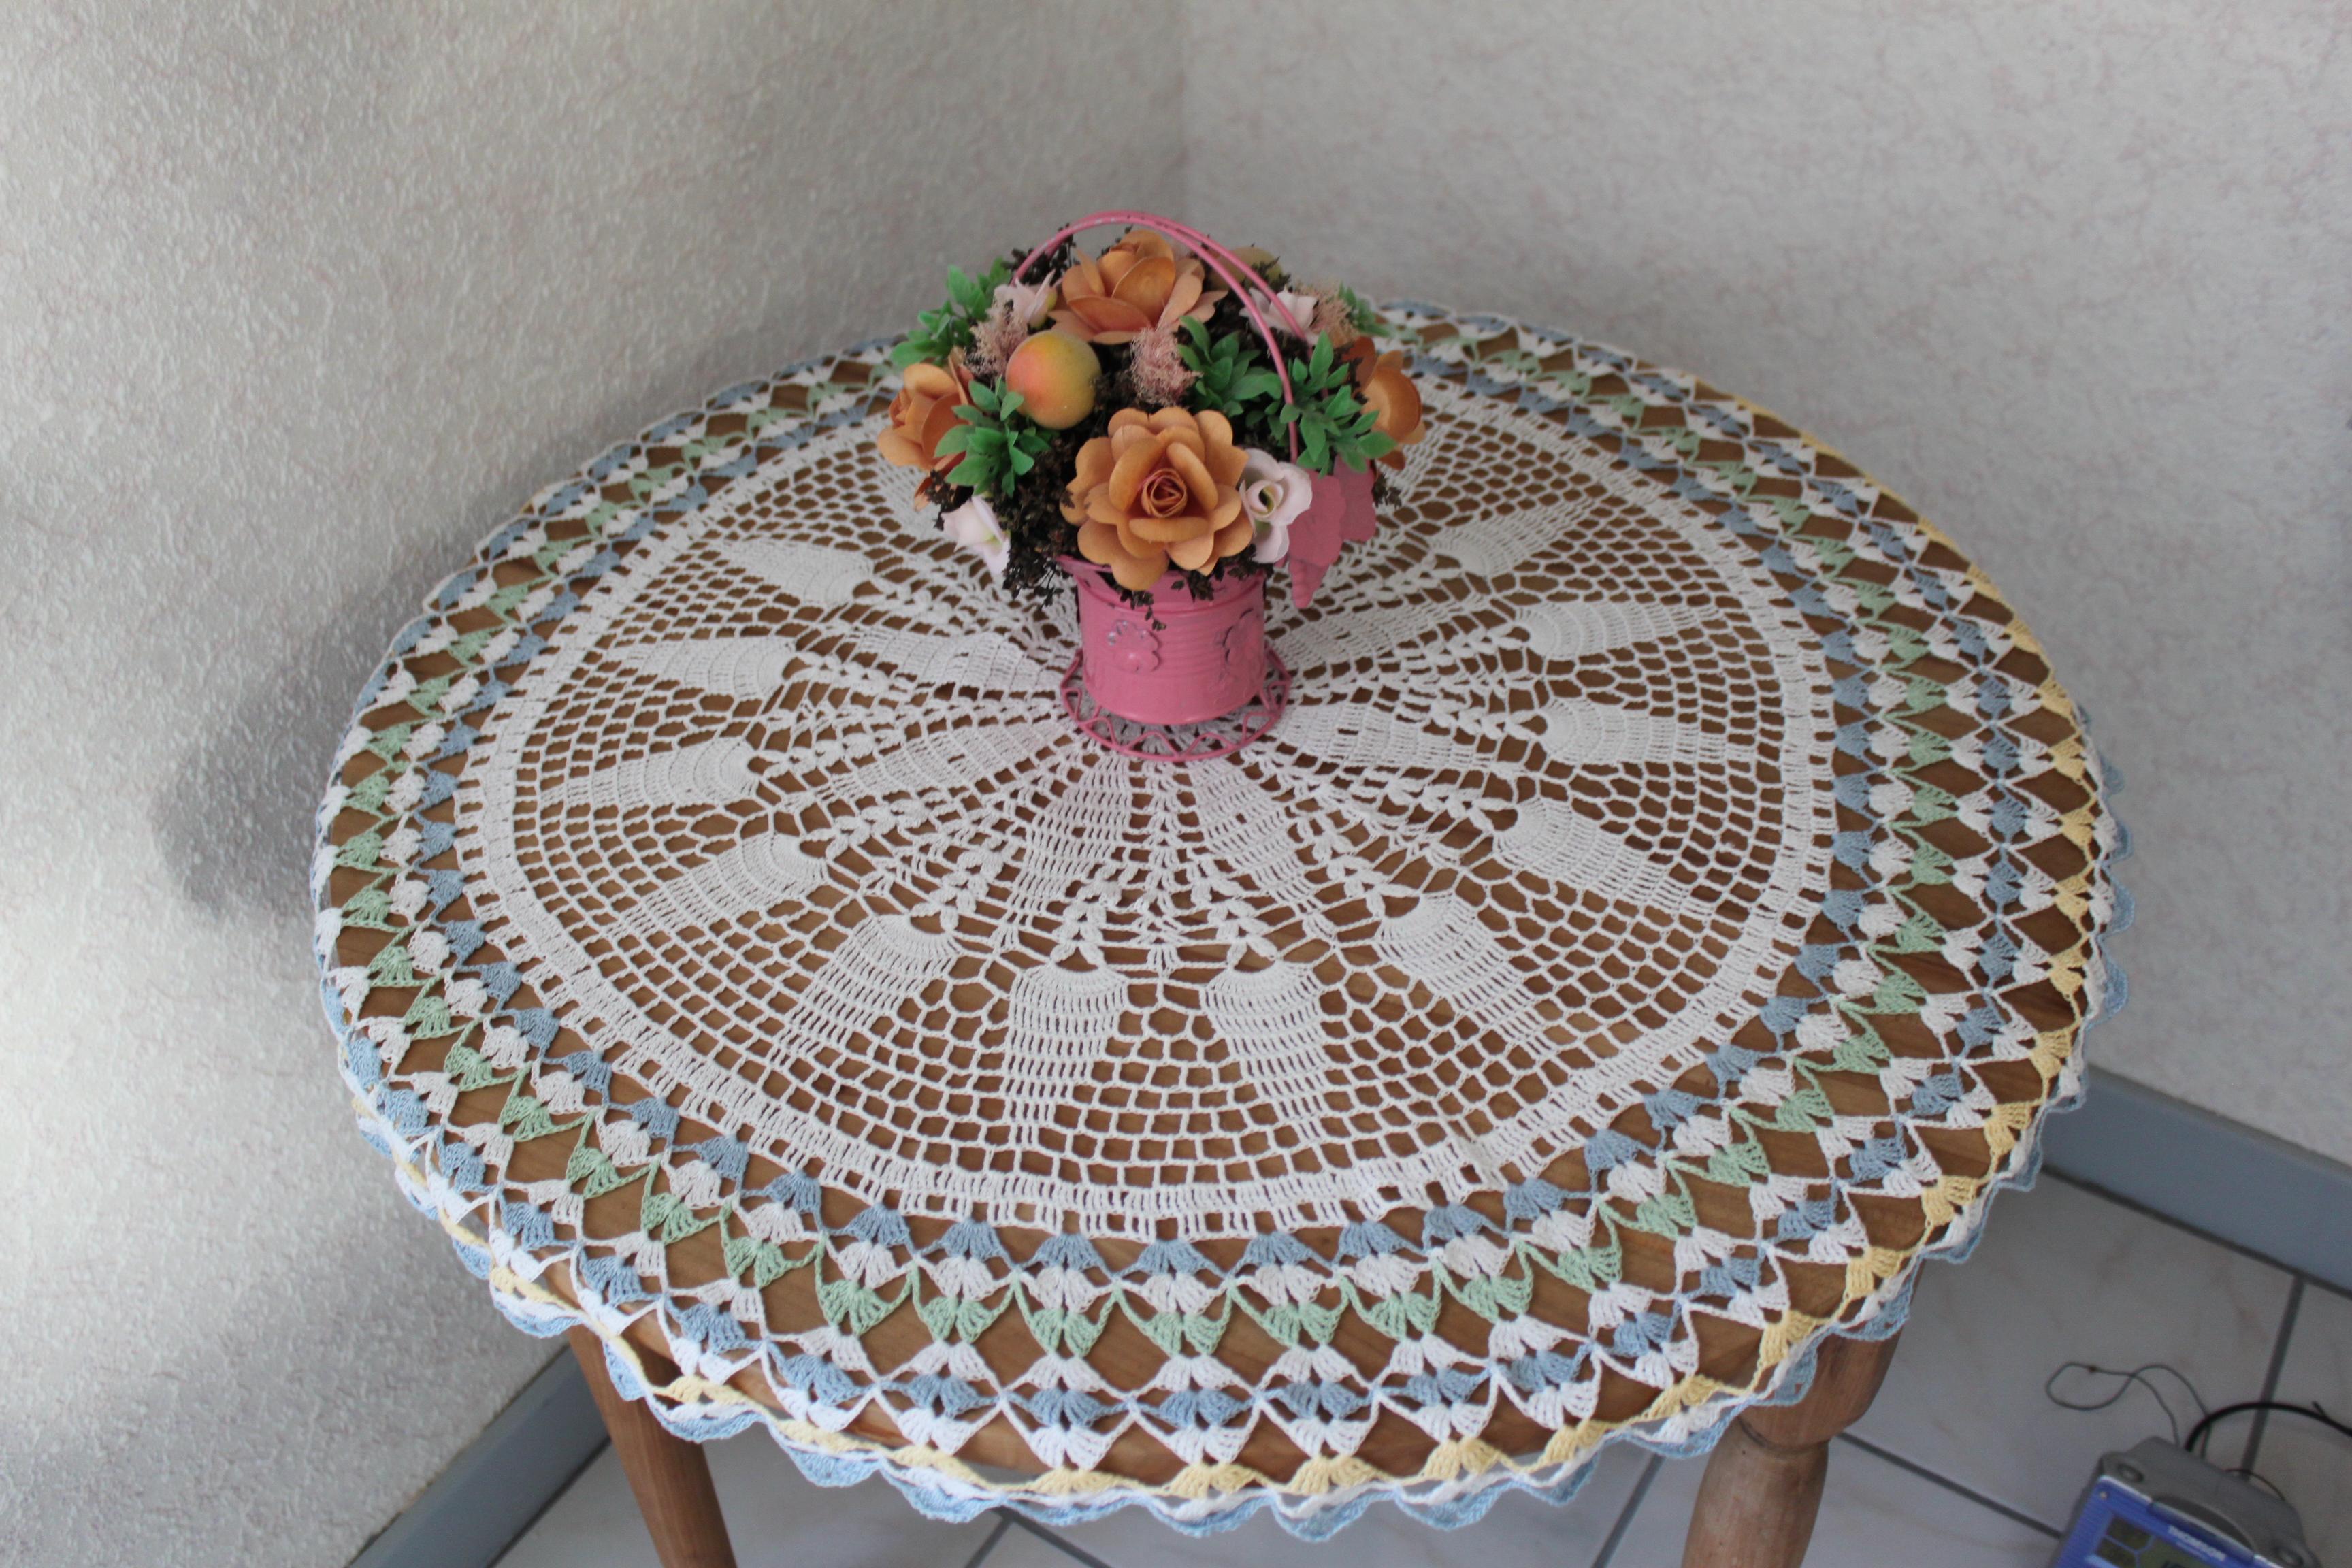 Grand Napperon Au Crochet à grand napperon de guéridon, centre de table ronde au crochet ou